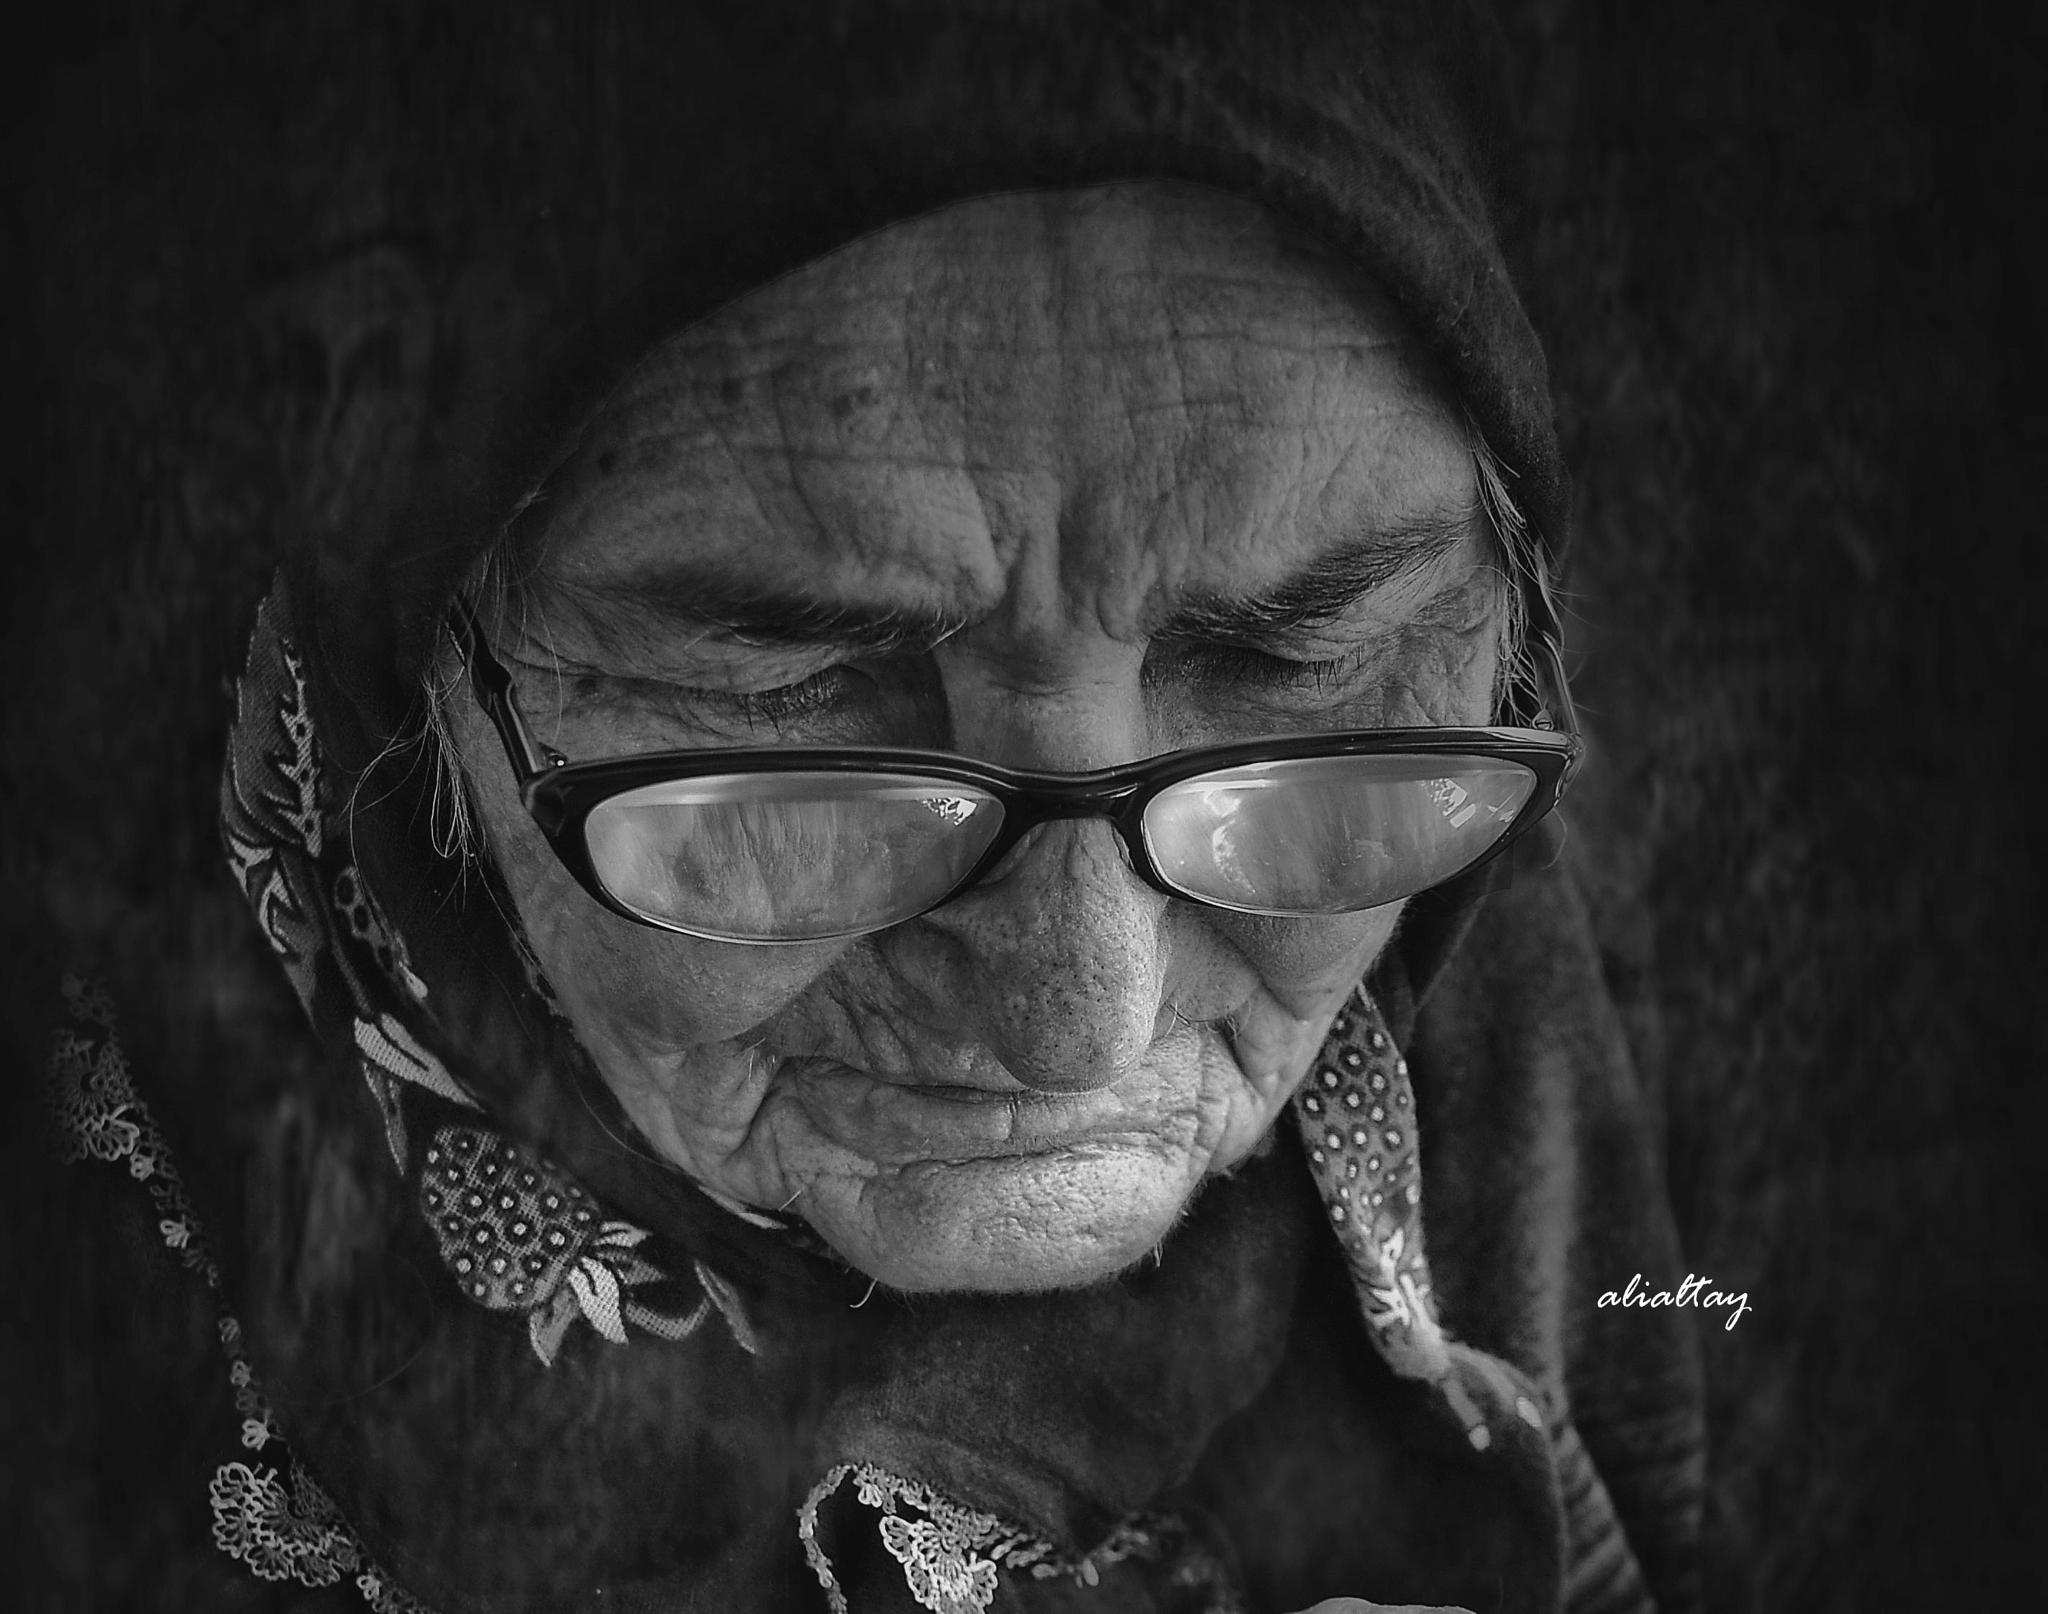 bakış by AliAltay